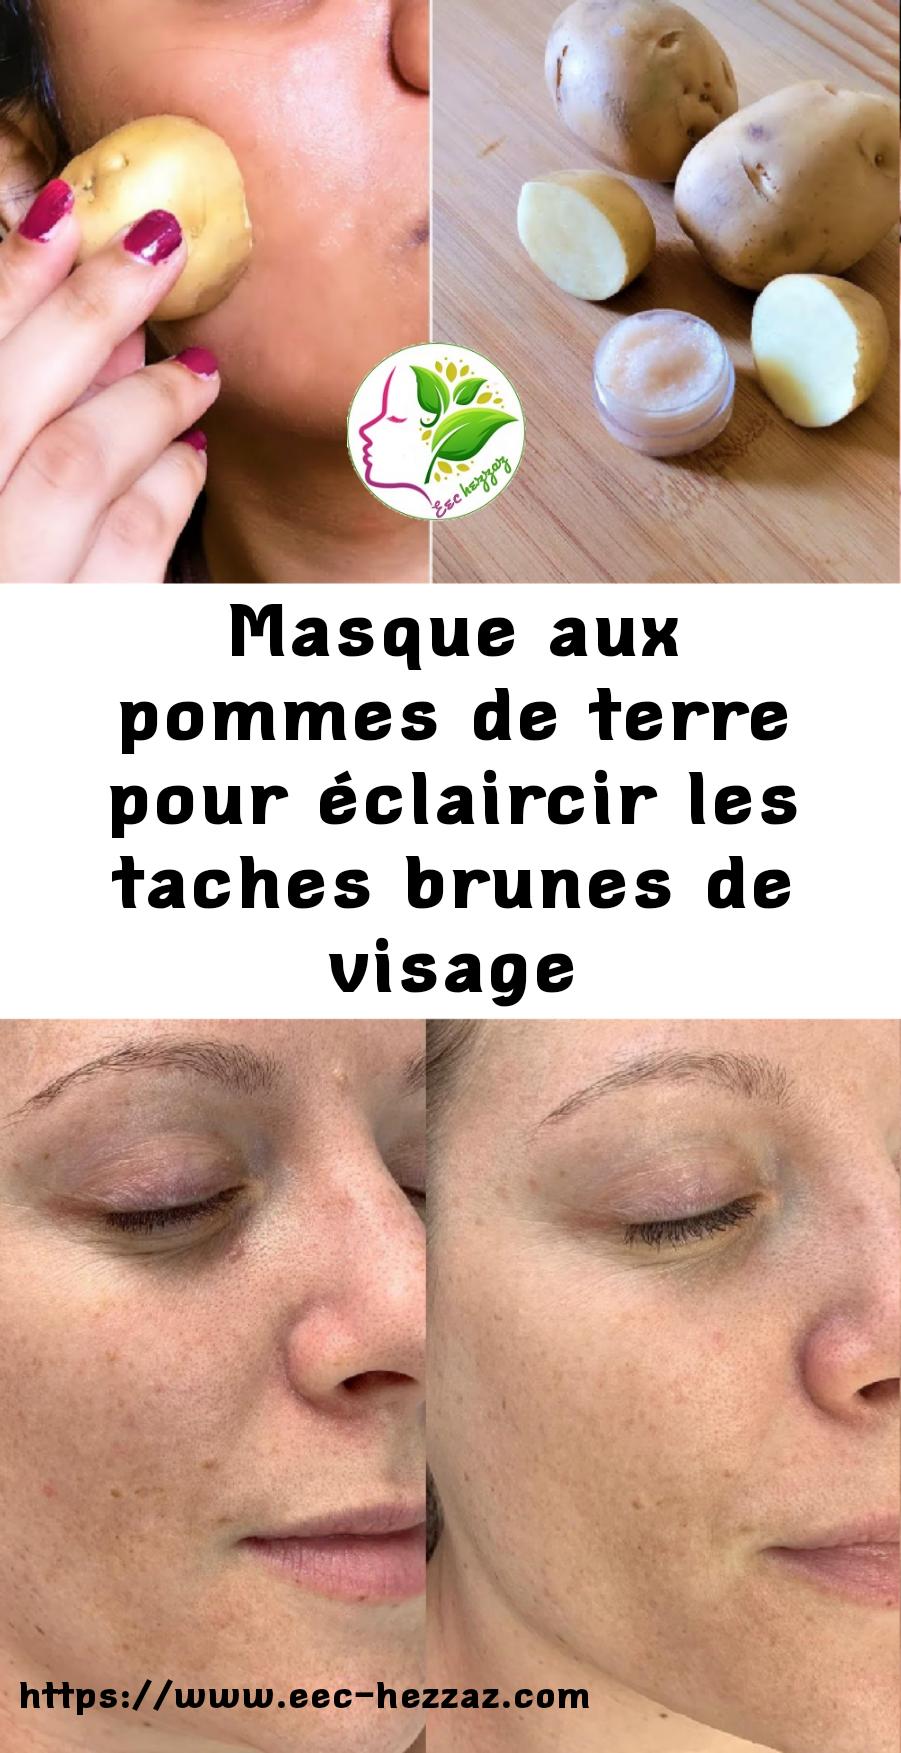 Masque aux pommes de terre pour éclaircir les taches brunes de visage